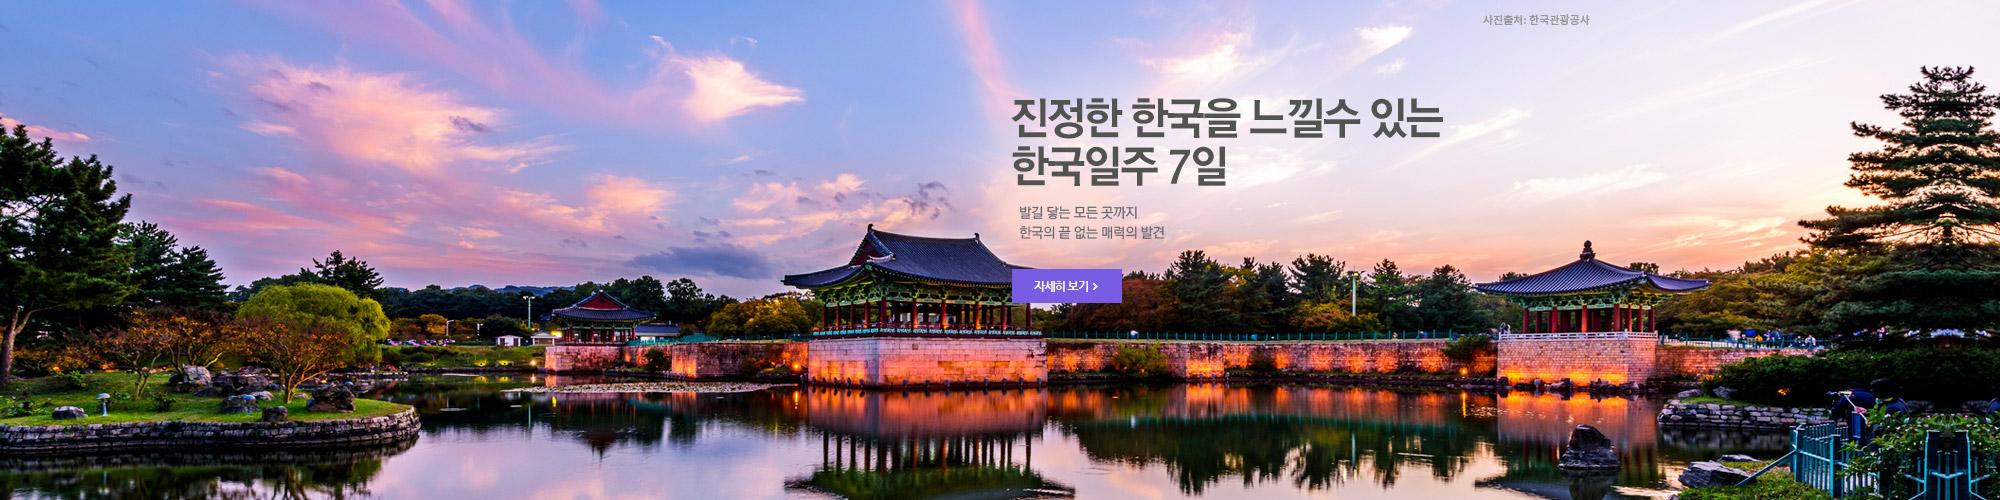 여유롭게 한국일주